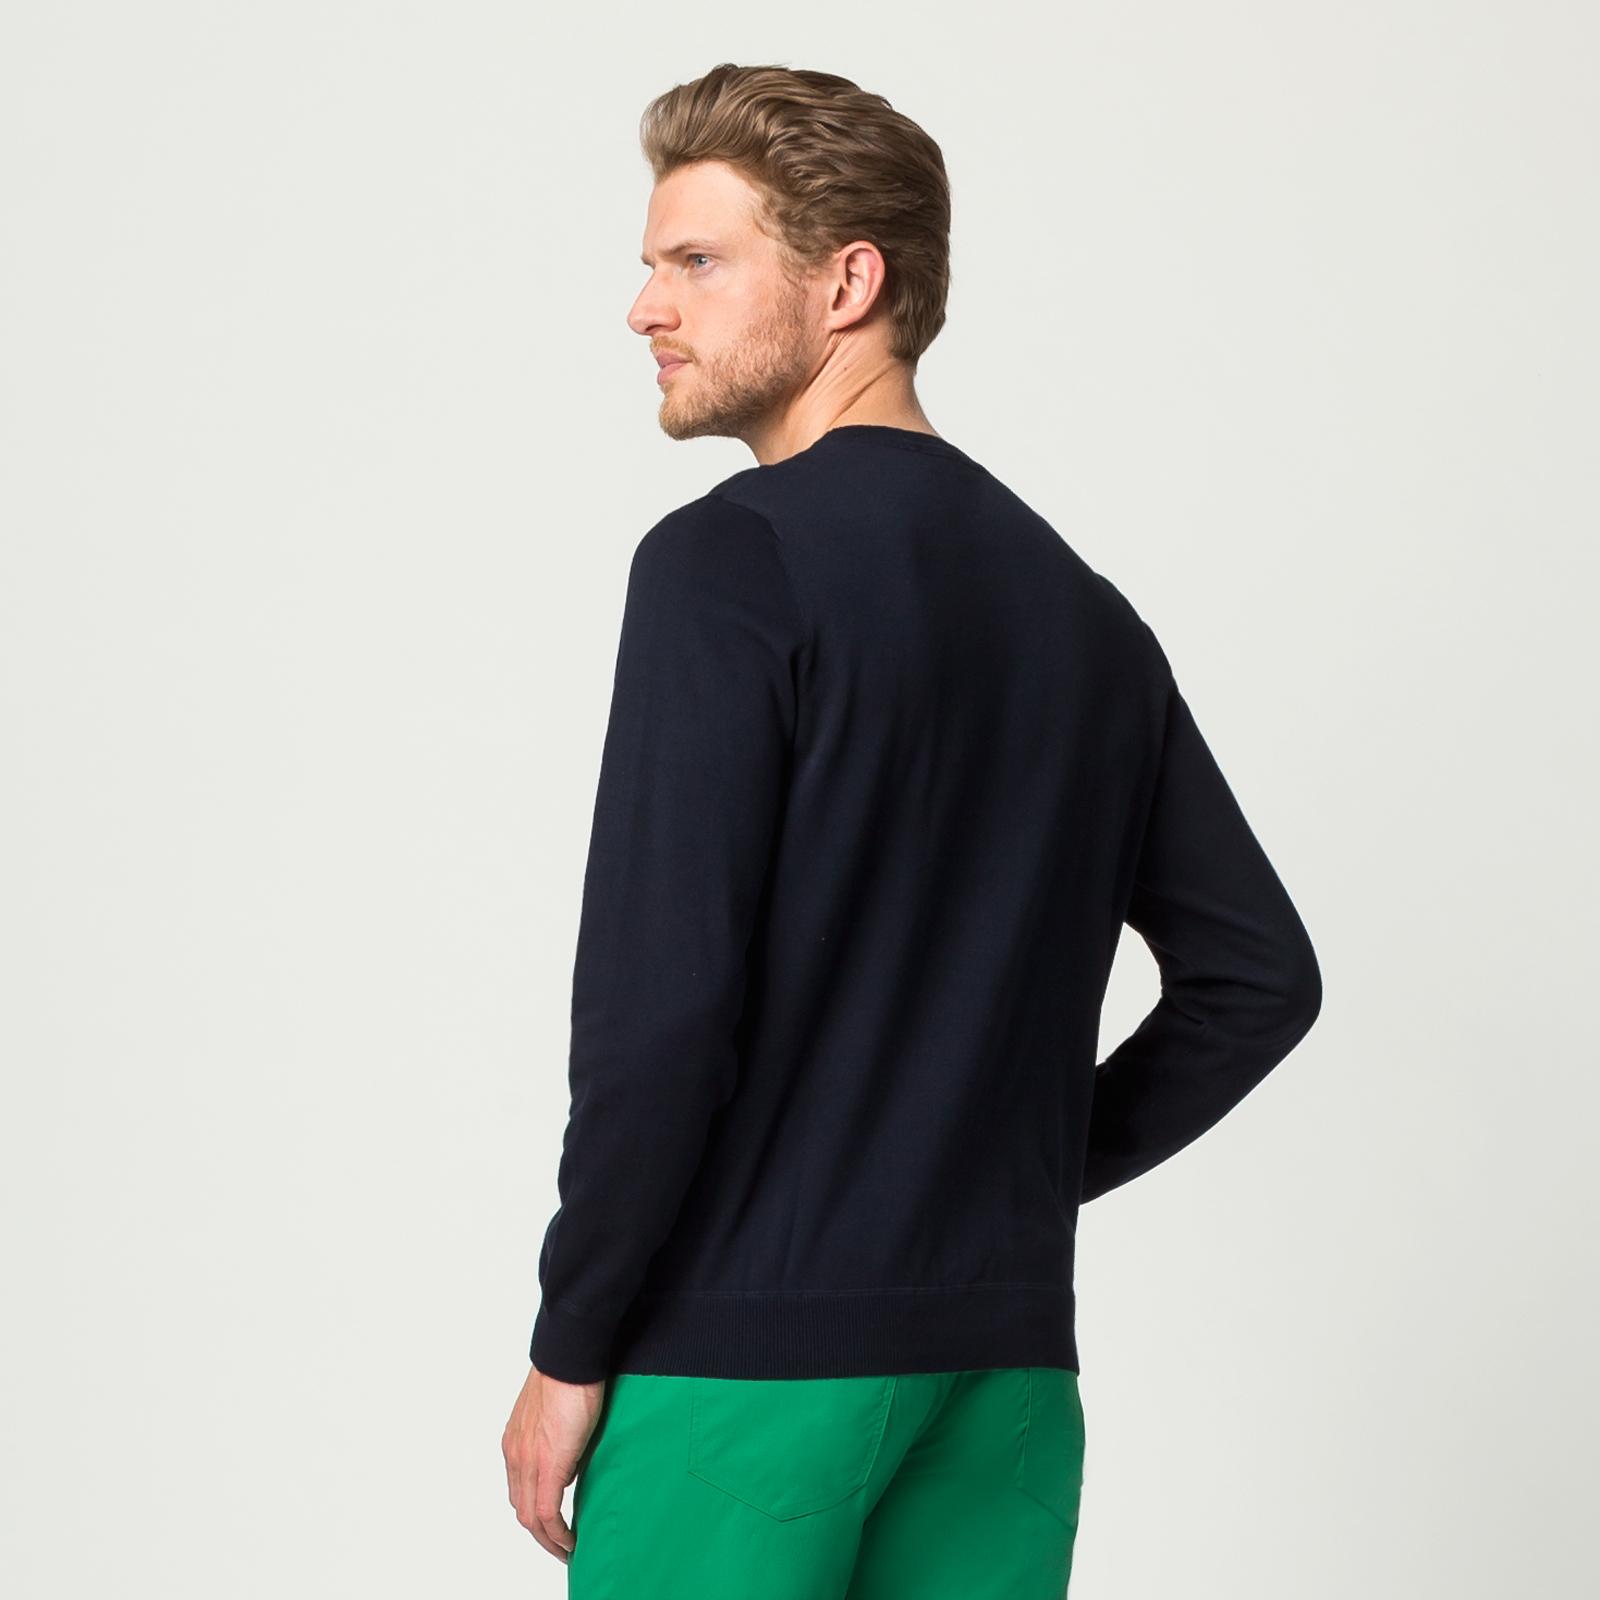 Herren Strickpullover aus weicher Baumwolle mit melierter Optik in Regular Fit